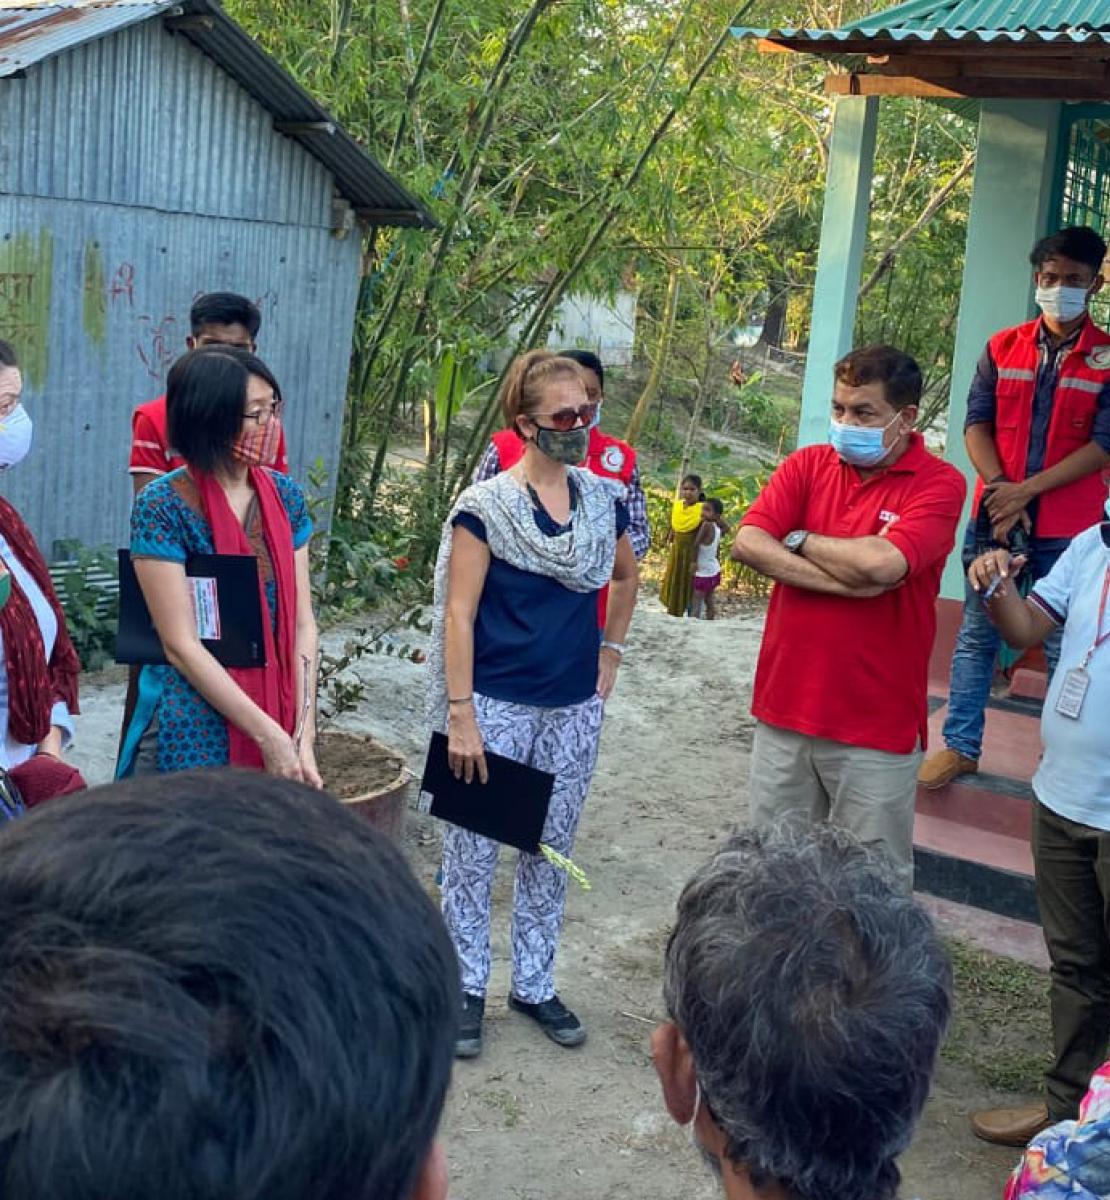 La Coordinadora Residente, Mia Seppo, se encuentra junto a un gran grupo de personas con mascarillas que se sitúan en un círculo, en un espacio al aire libre.